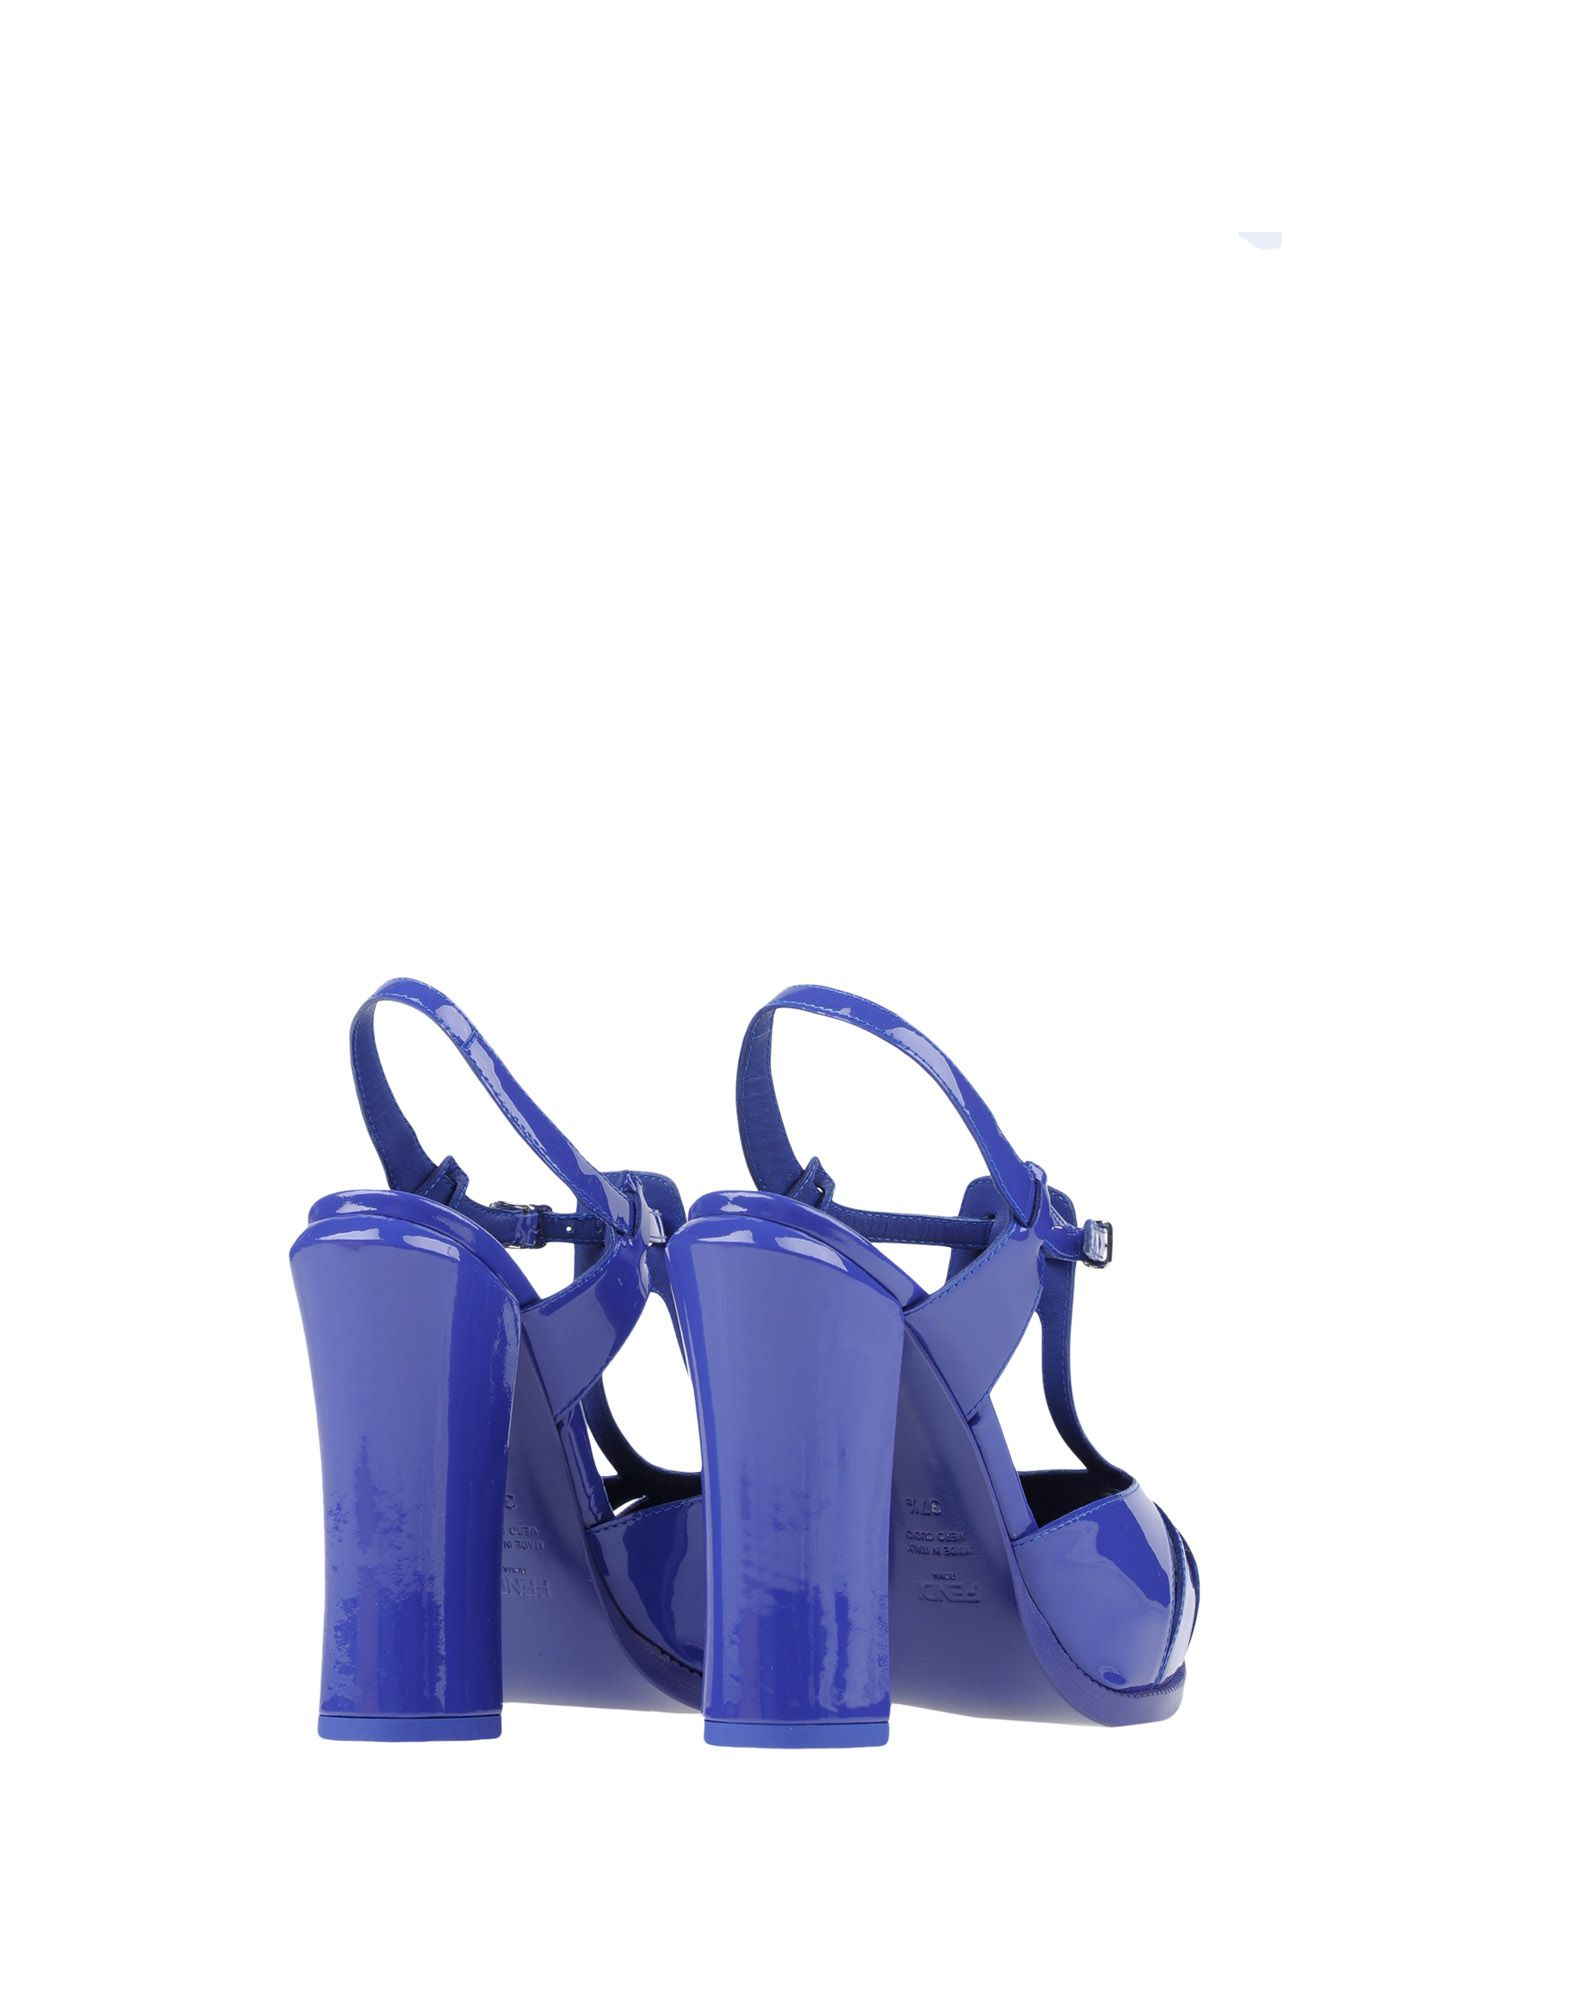 Fendi Damen Sandalen Damen Fendi  11336652JL Heiße Schuhe 6c8ff1